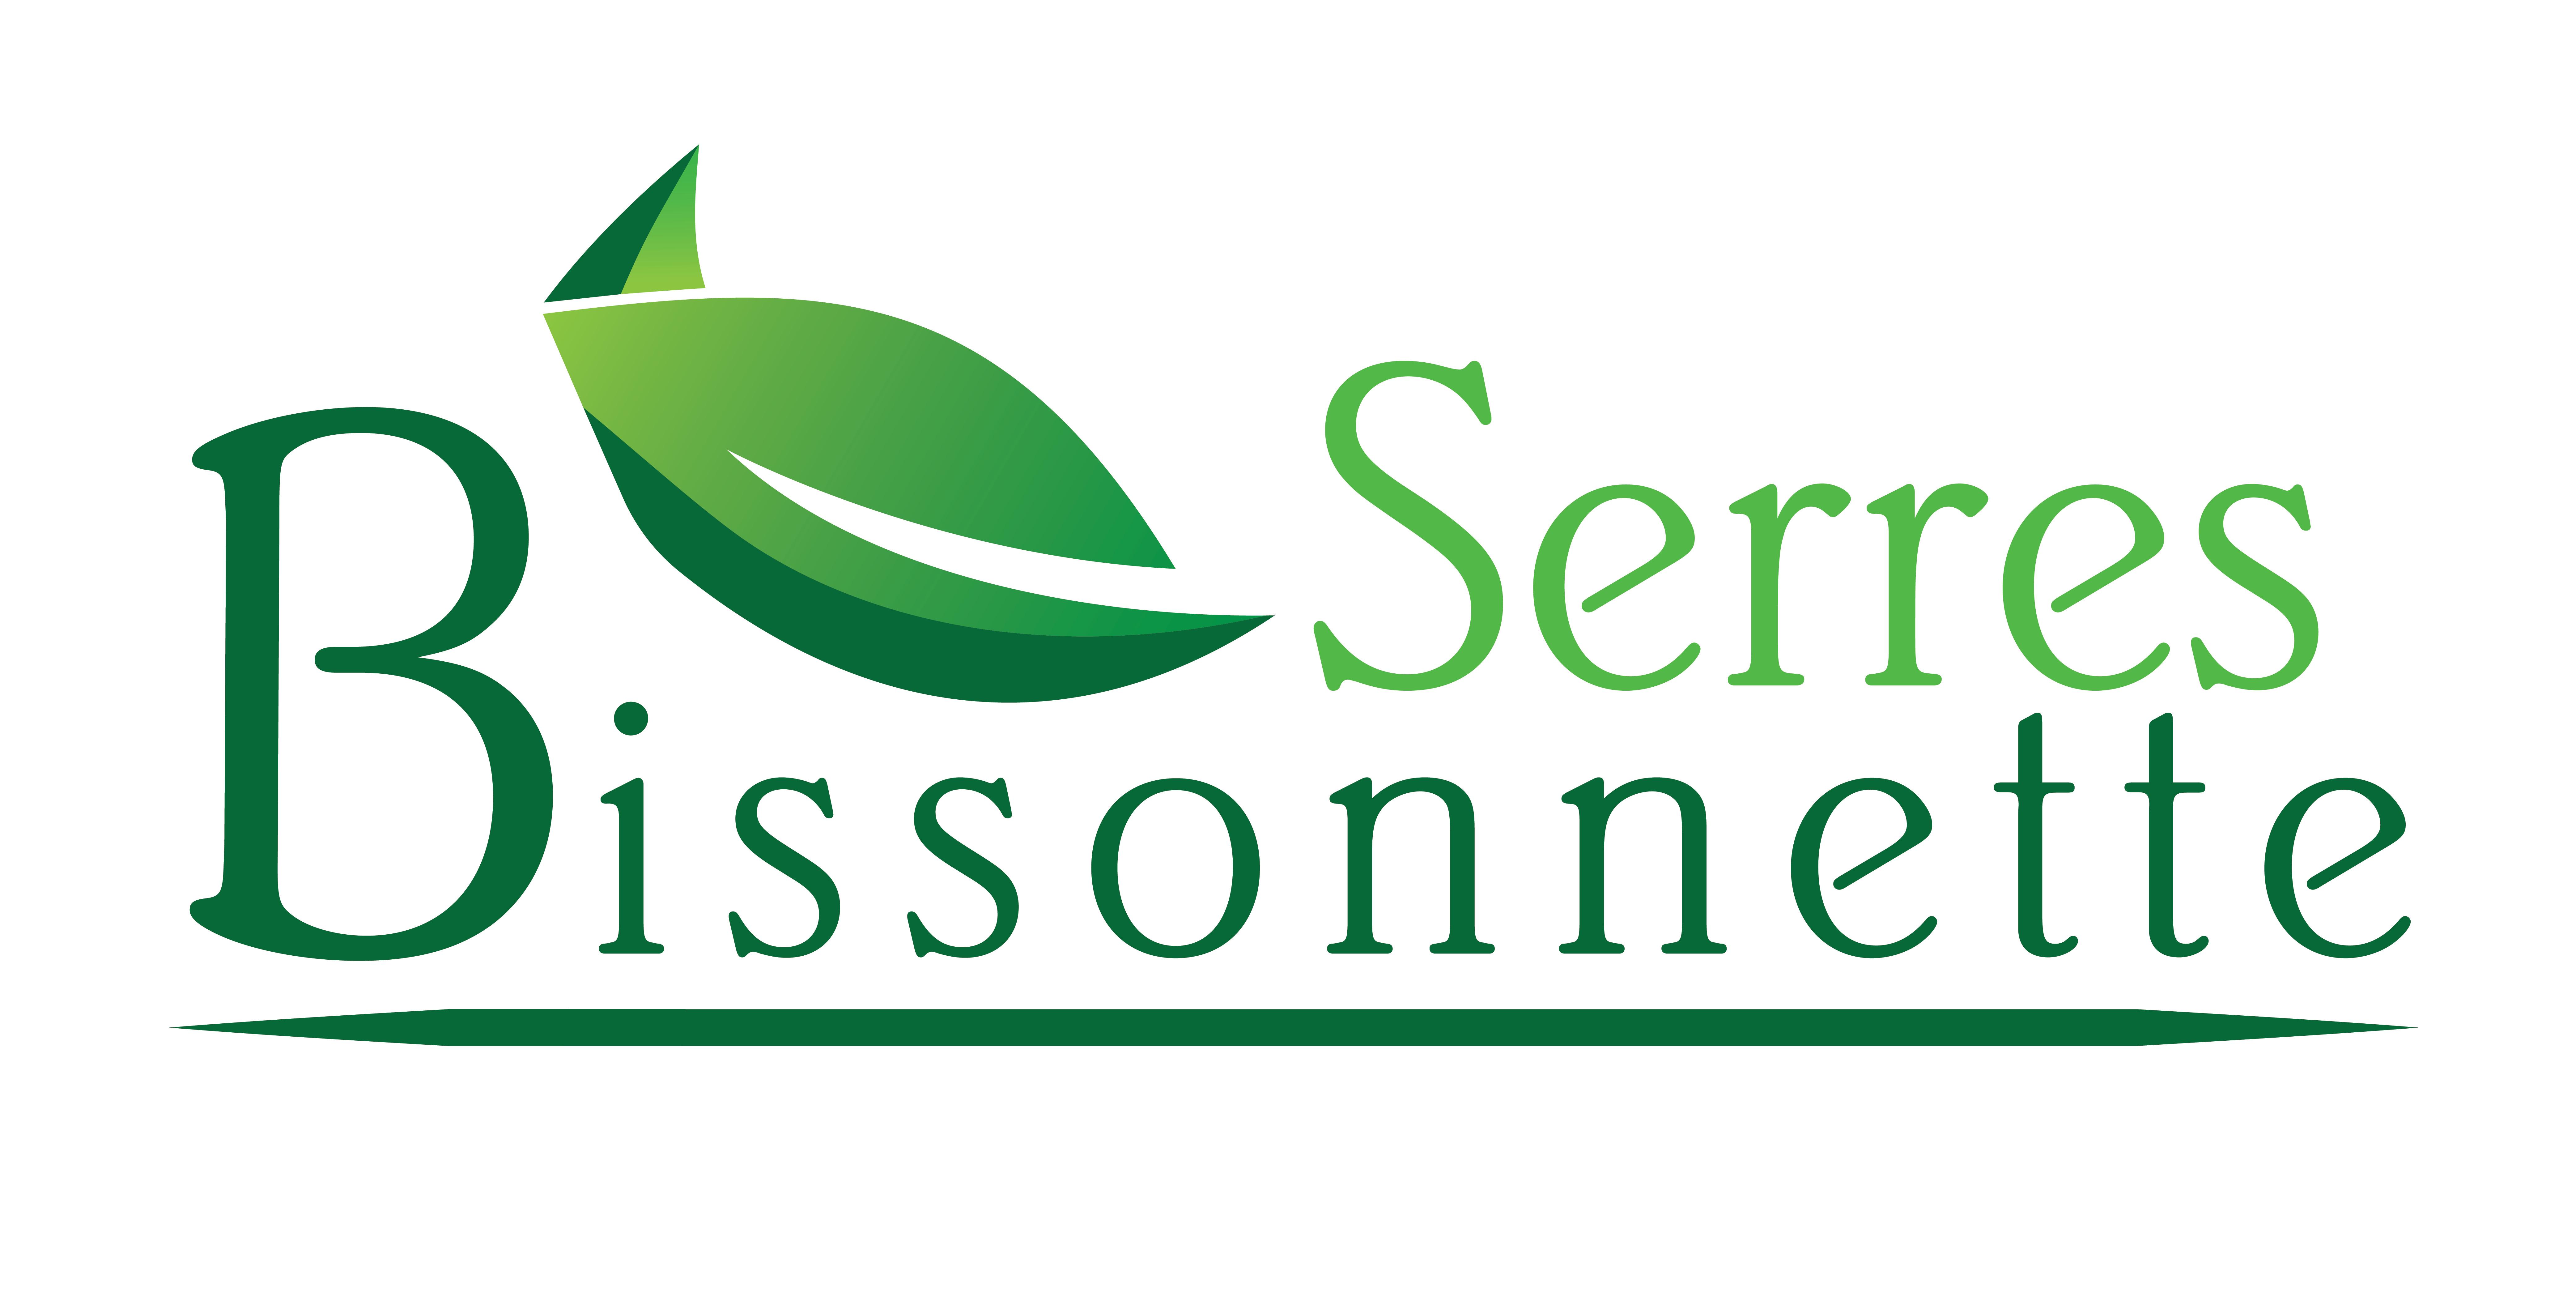 Logo serres Bissonnette